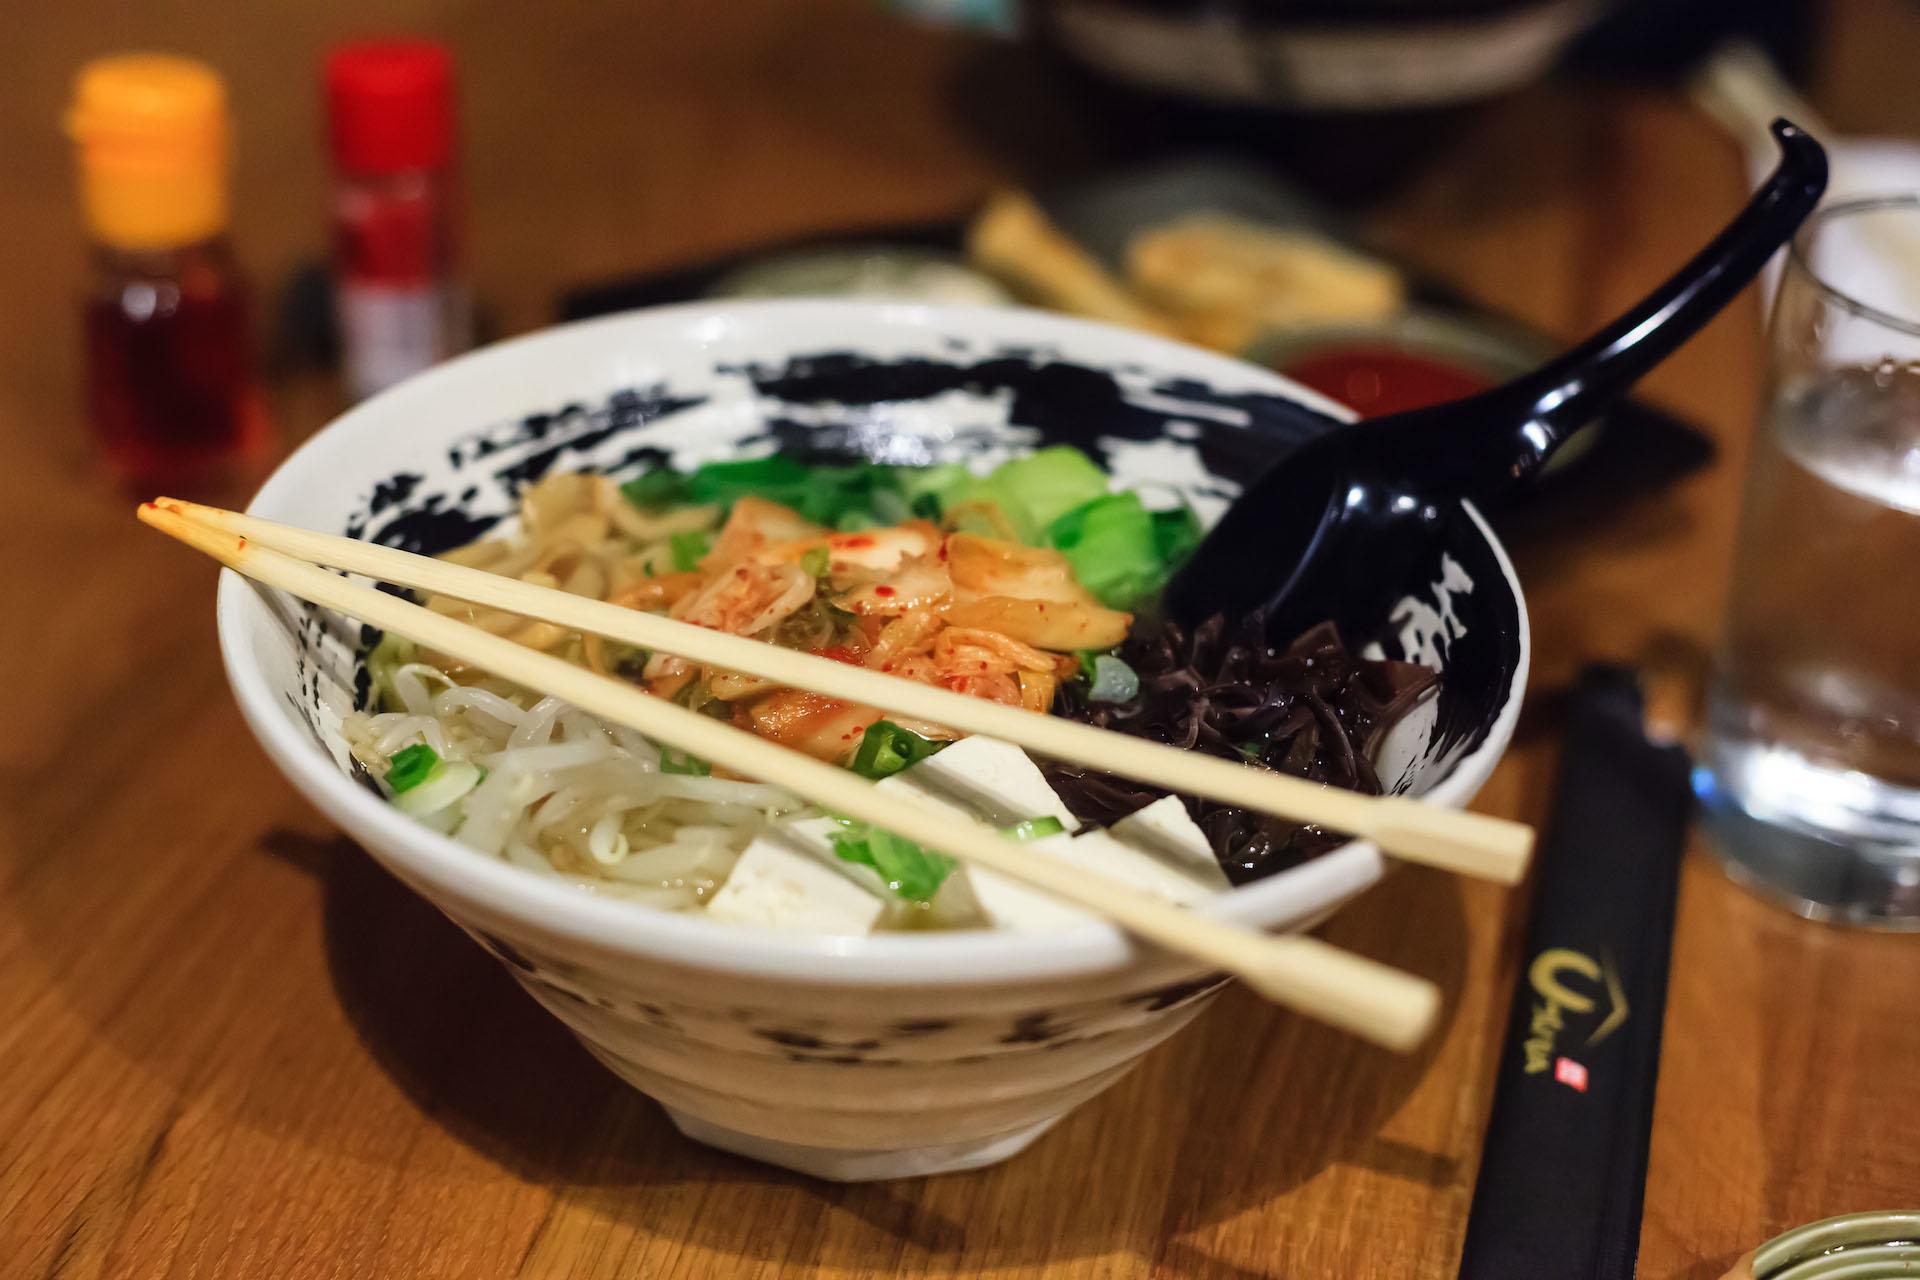 The vegan shio ramen with kimchi.